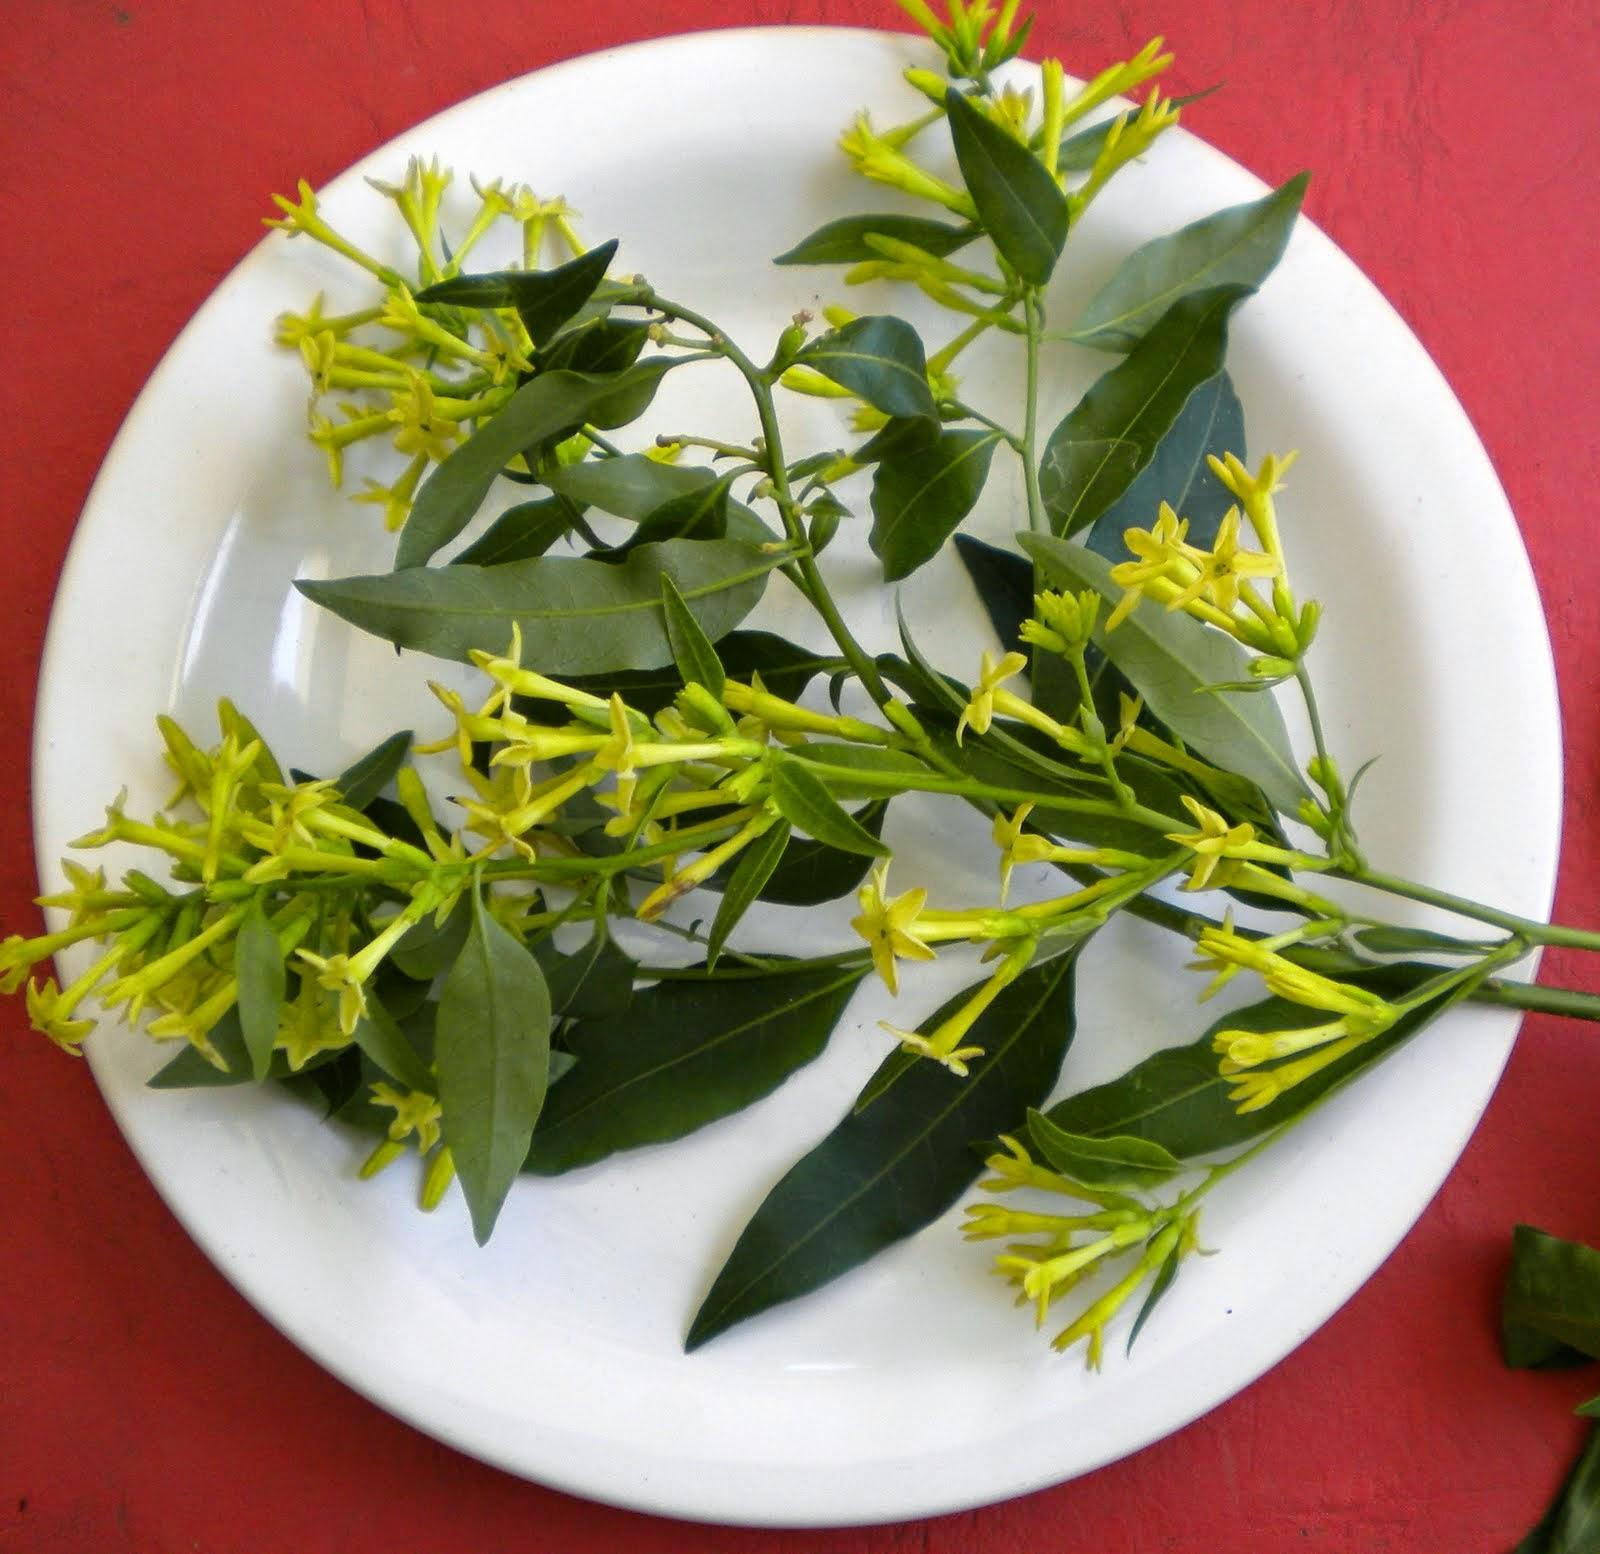 V e r d e c h a c o creencias populares las plantas y la buena suerte salud dinero y amor 3 - Plantas para la buena suerte ...